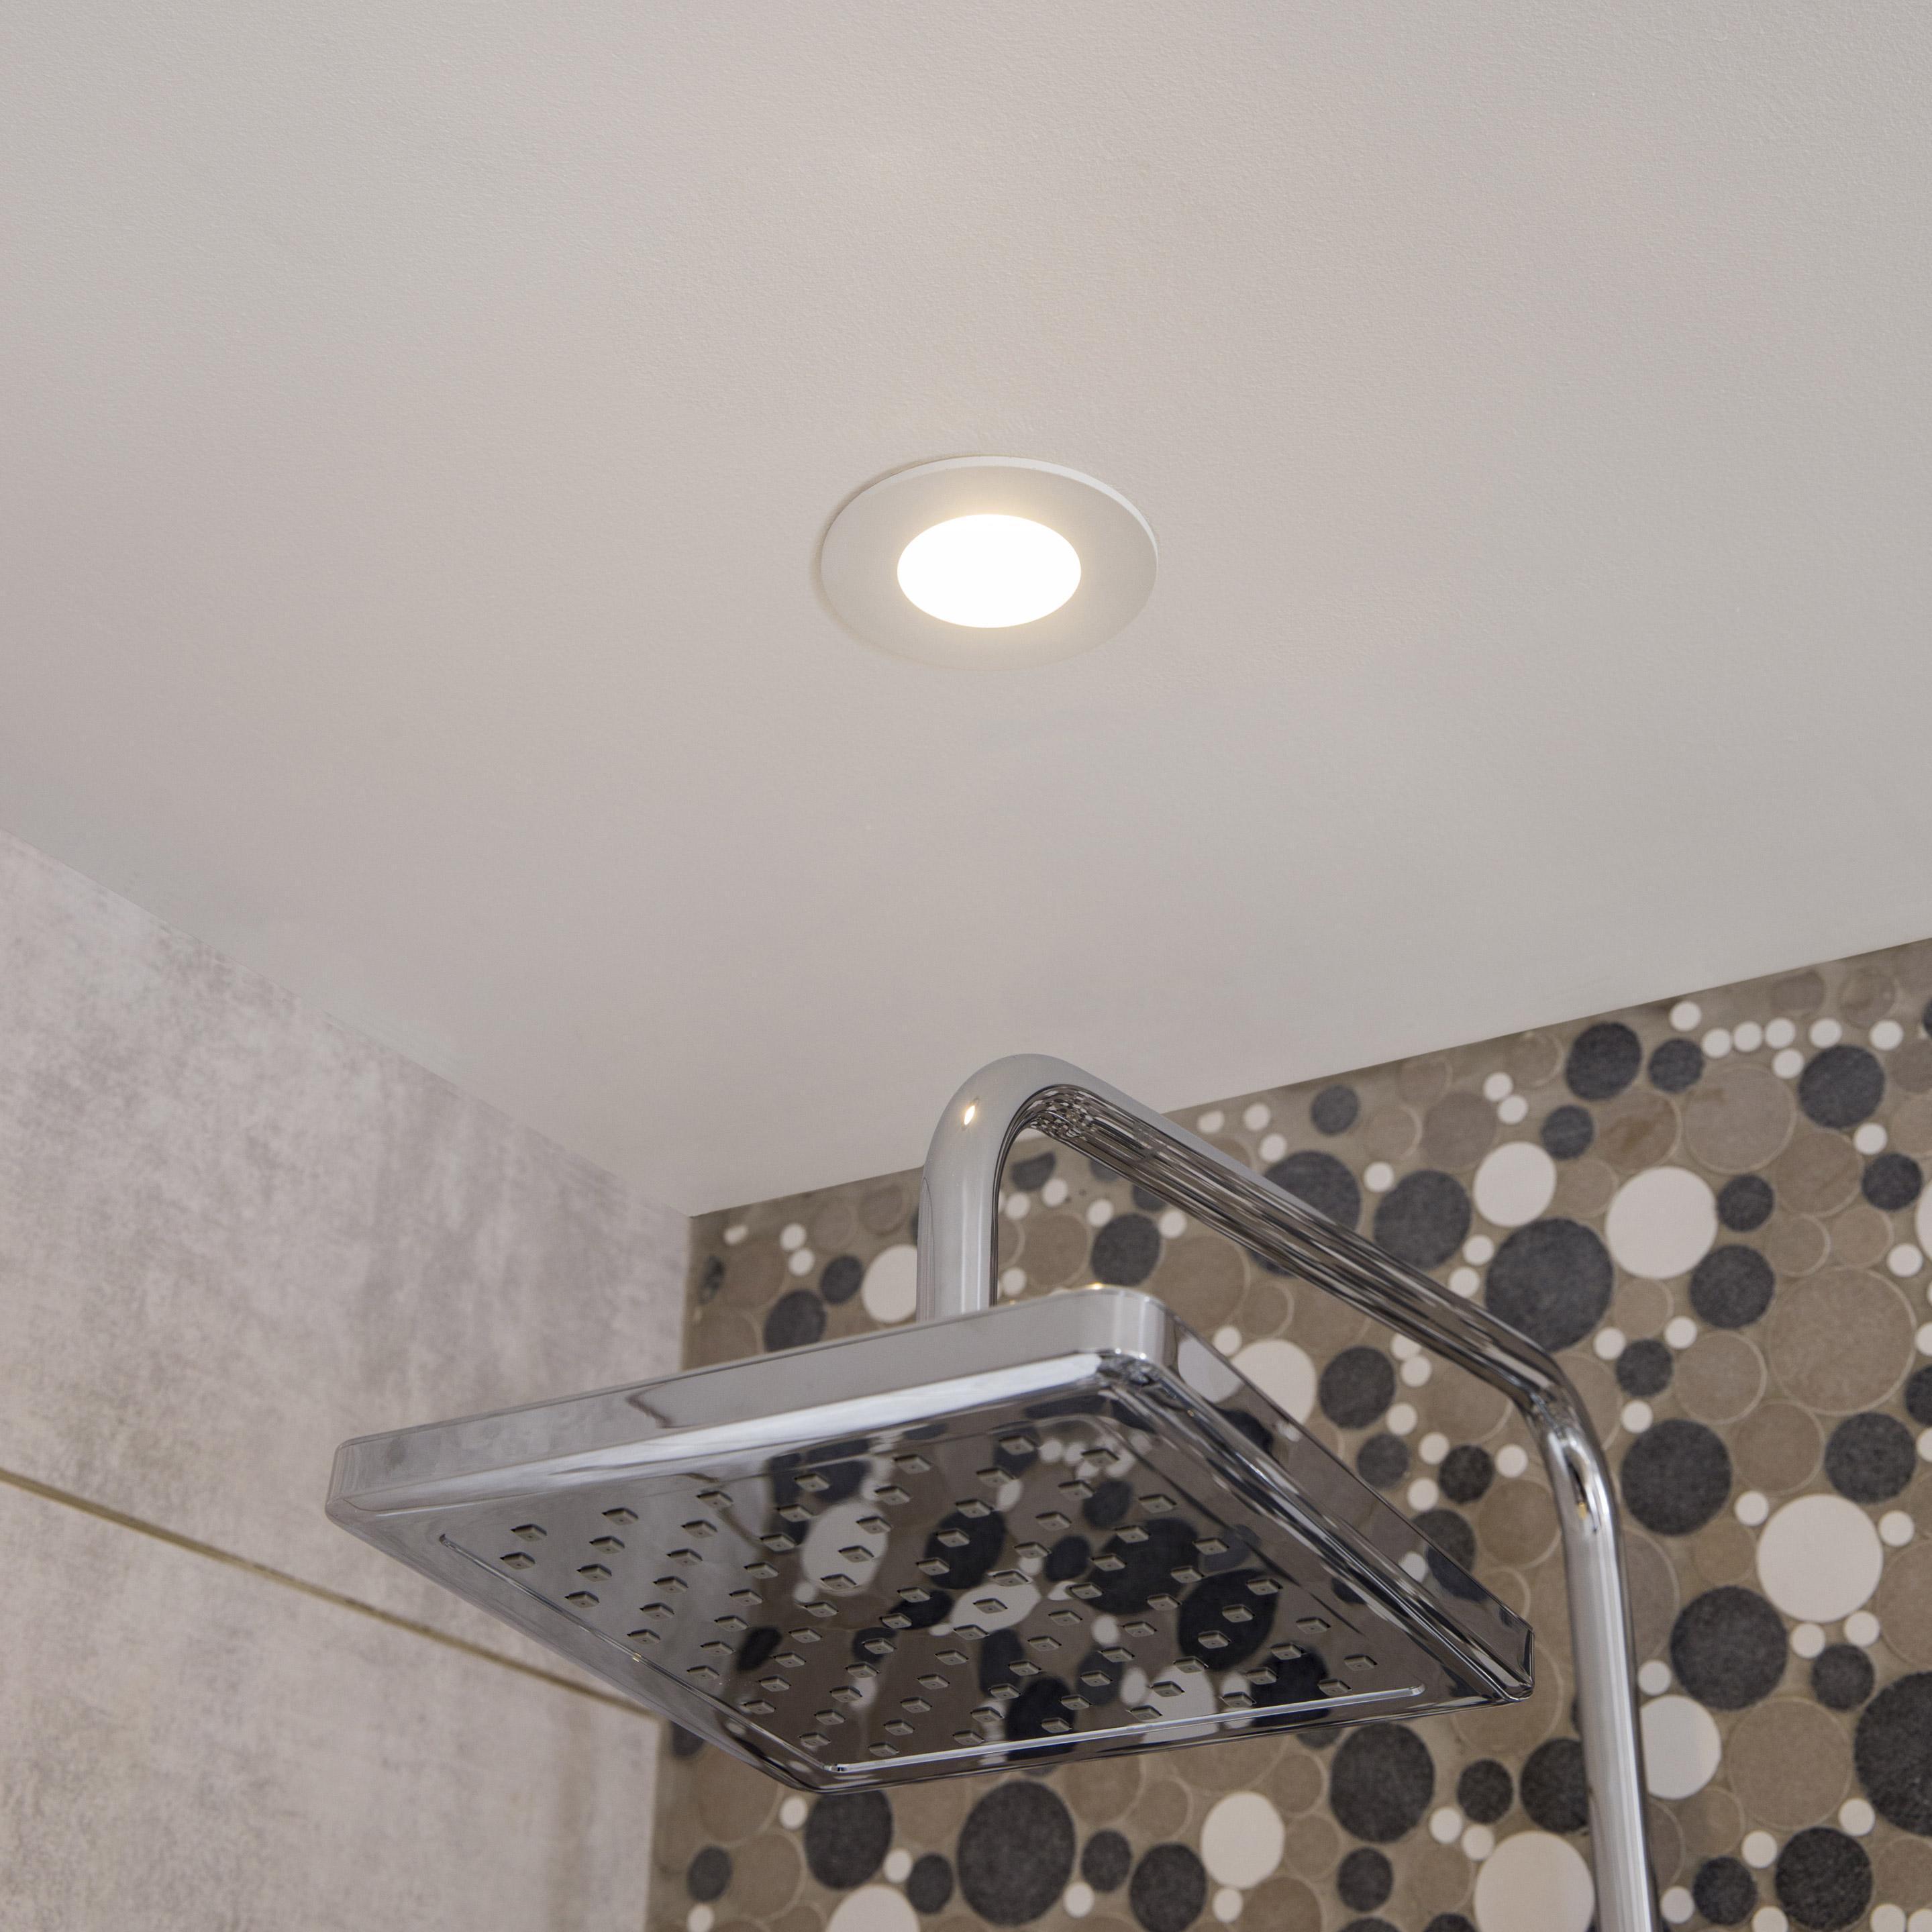 Quel Spot Dans Salle De Bain kit 3 spots à encastrer salle de bains kilia fixe inspire led intégrée blanc